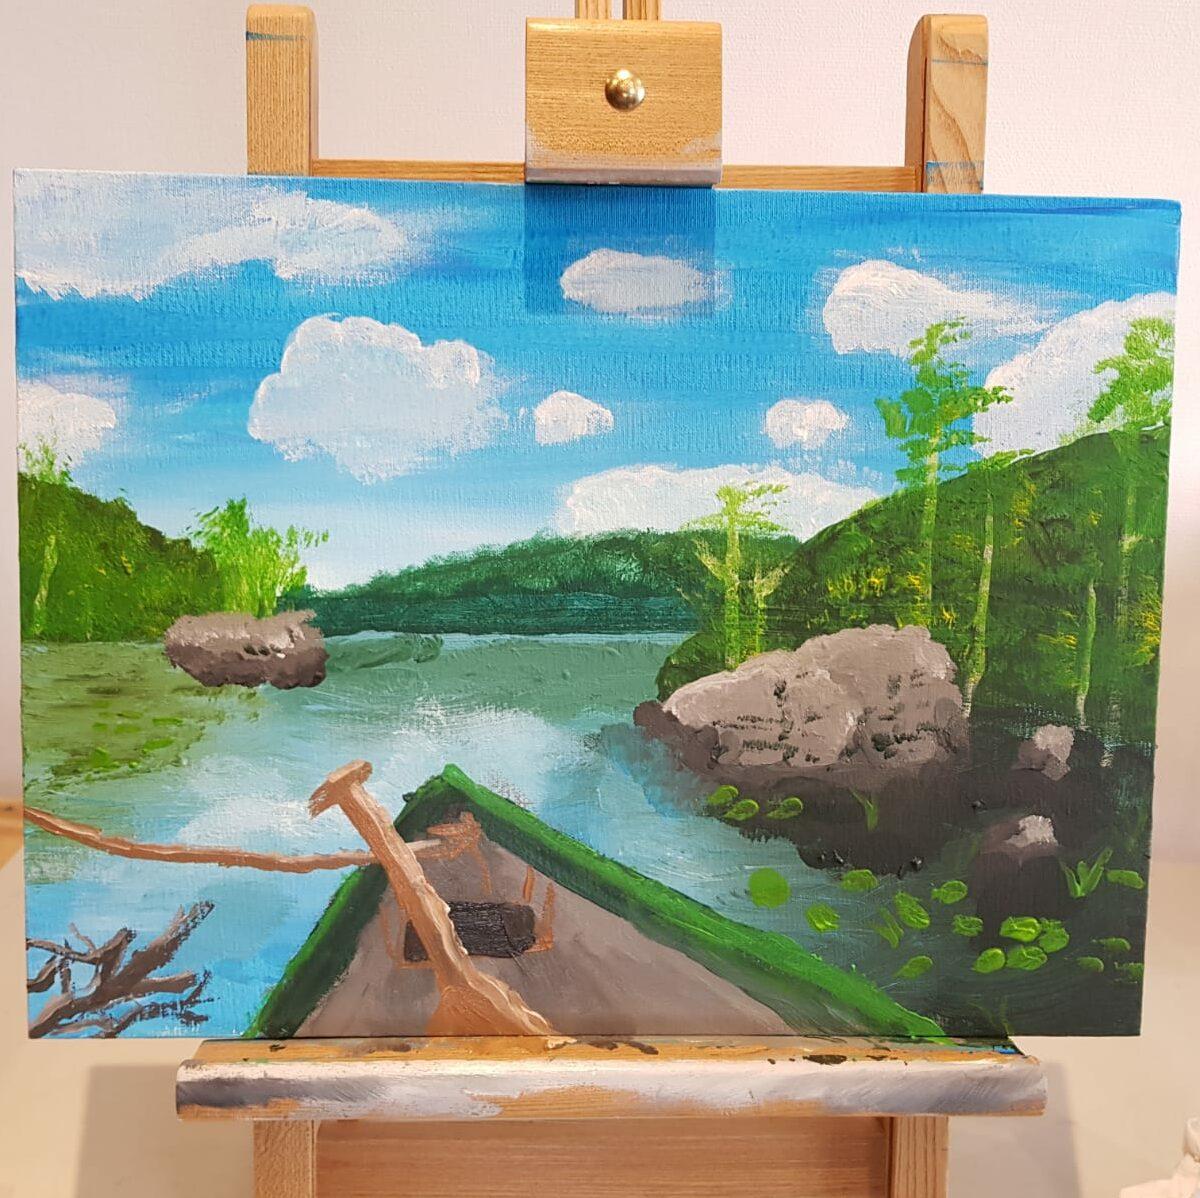 Studio FADE schilderles